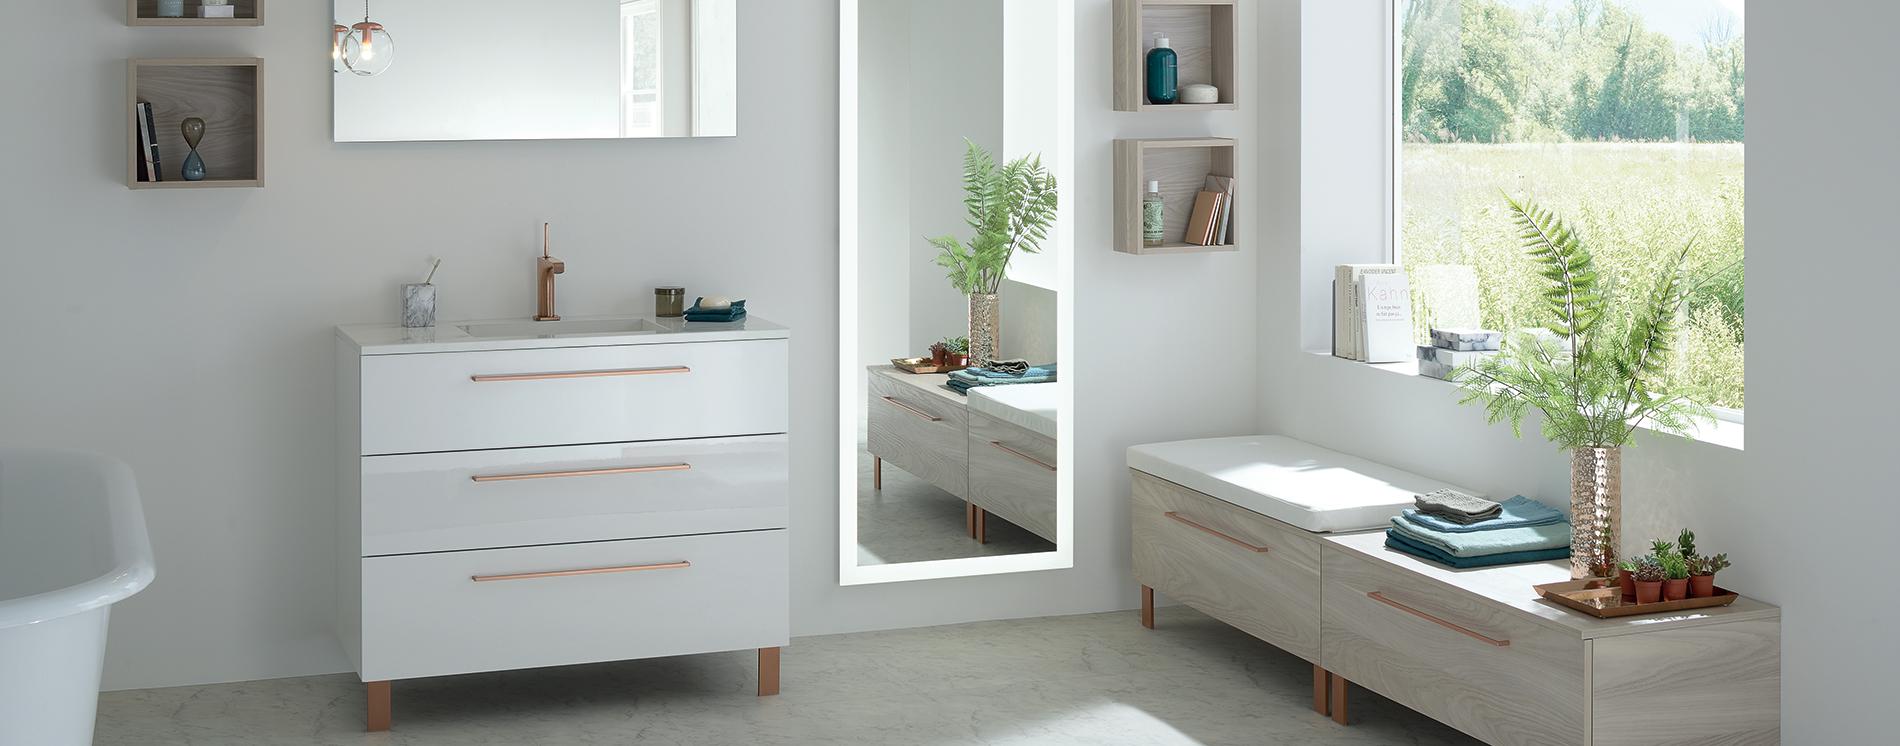 Al onze gamma 39 s voor de badkamer sanijura for Brossette ma salle de bain